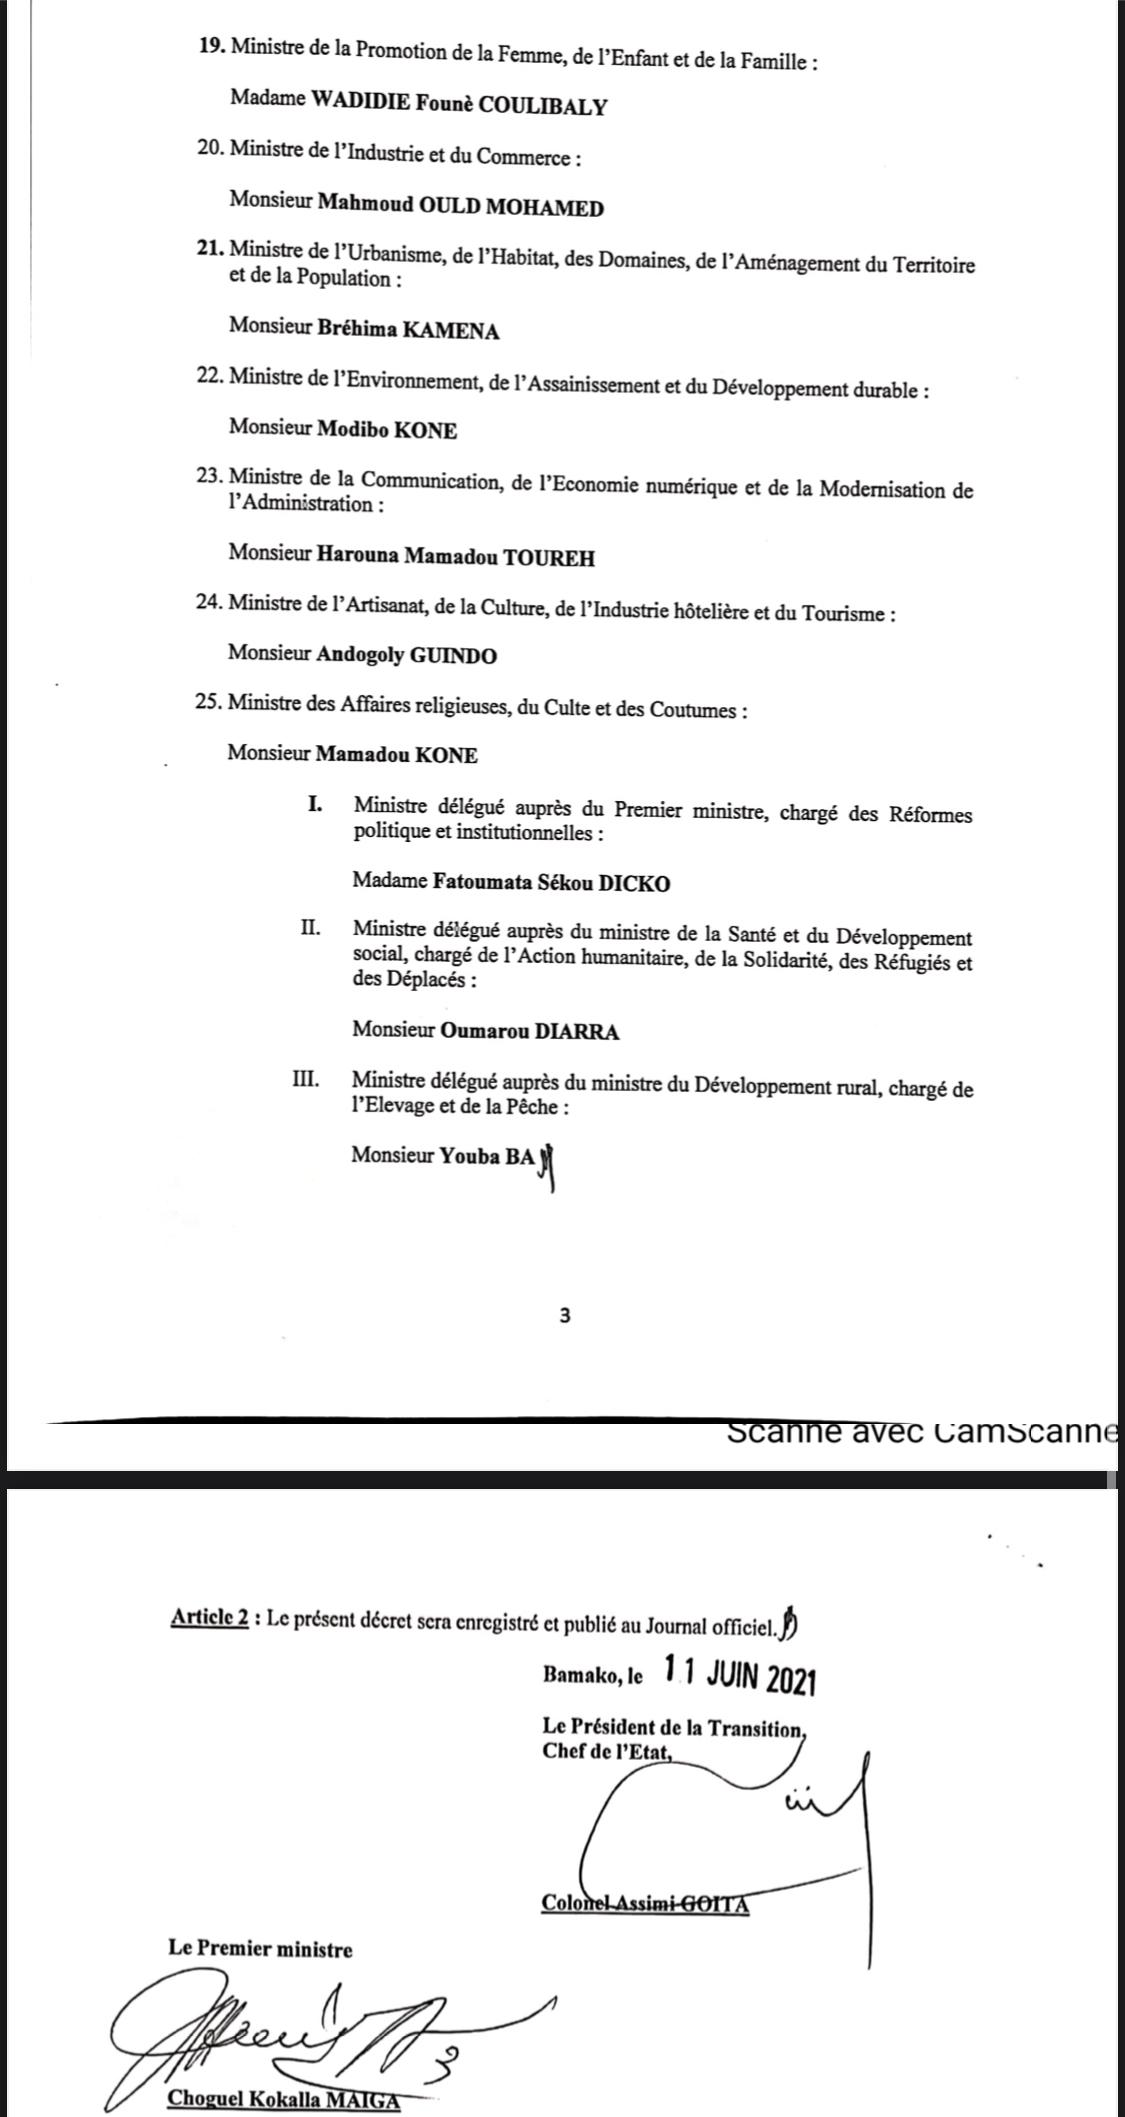 La liste du nouveau Gouvernement du Mali avec 25 ministres